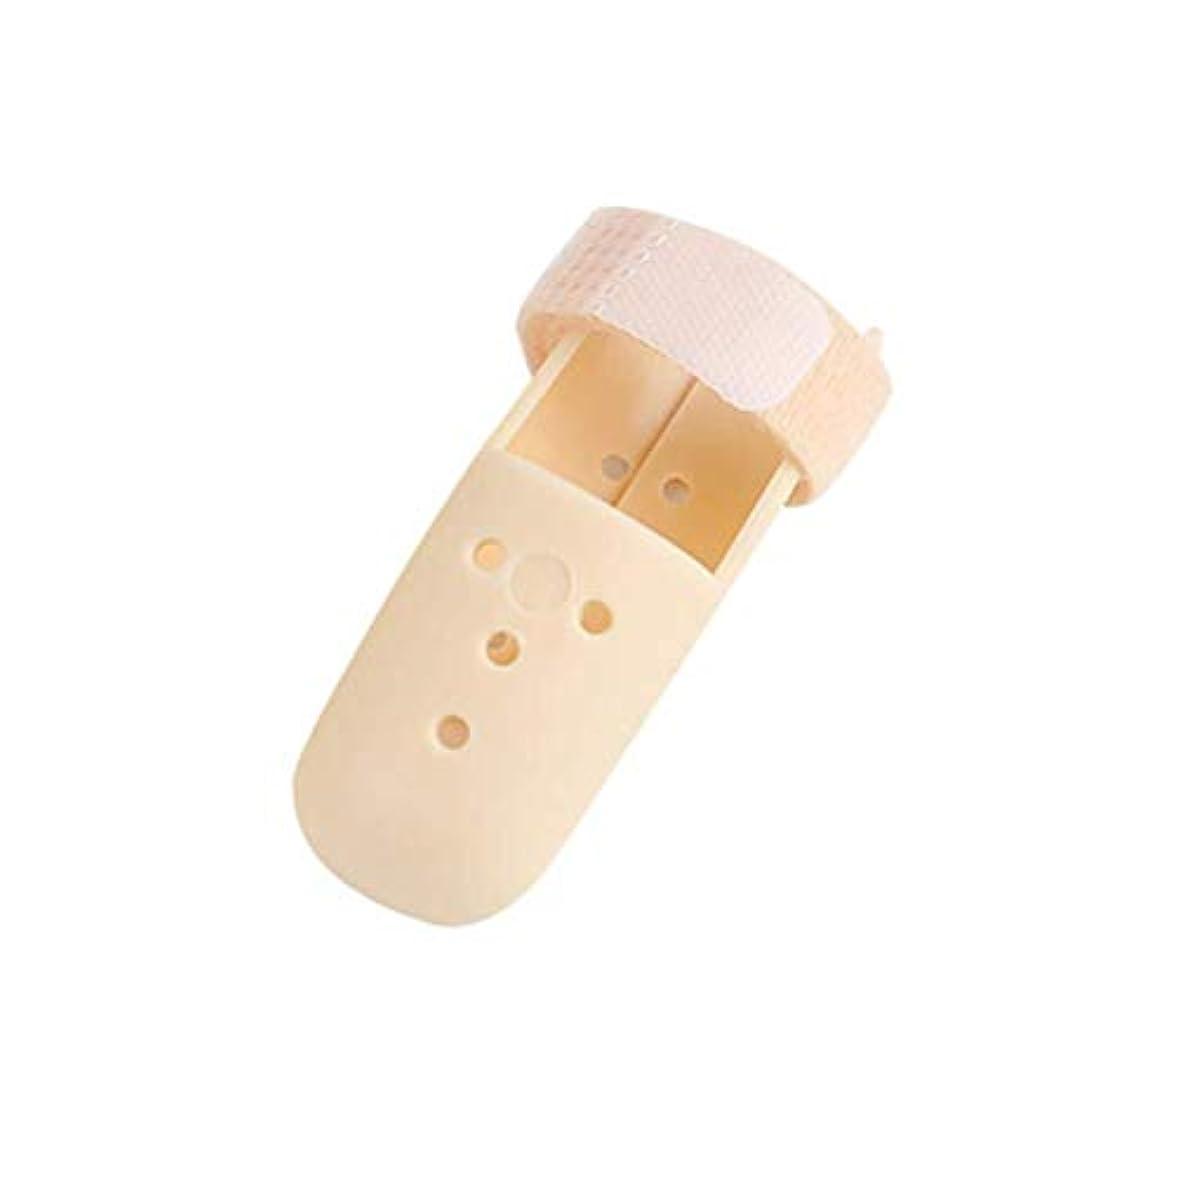 関節炎や軟部組織の傷害のための指プロテクター親指ブレースブレース指副木シースプロテクター